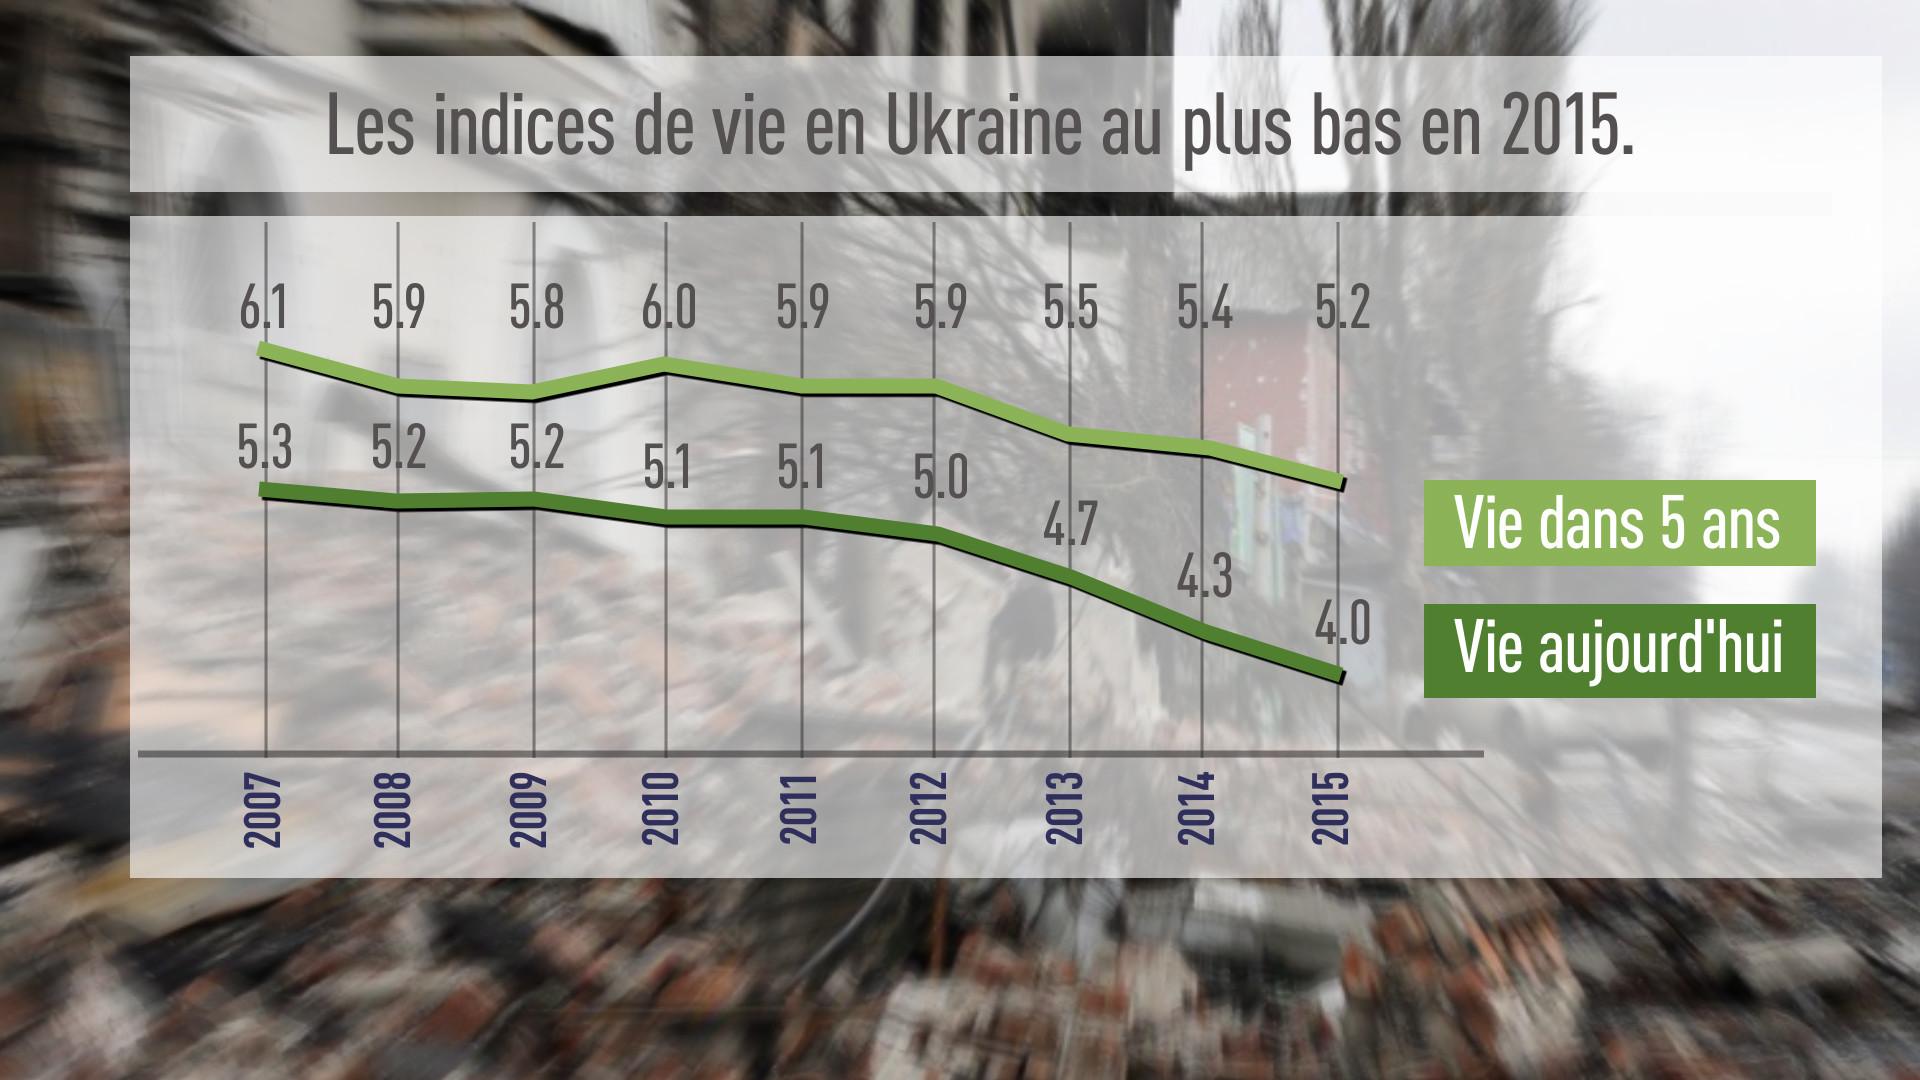 L'«indice de vie» en Ukraine a chuté à son plus bas niveau en 2015